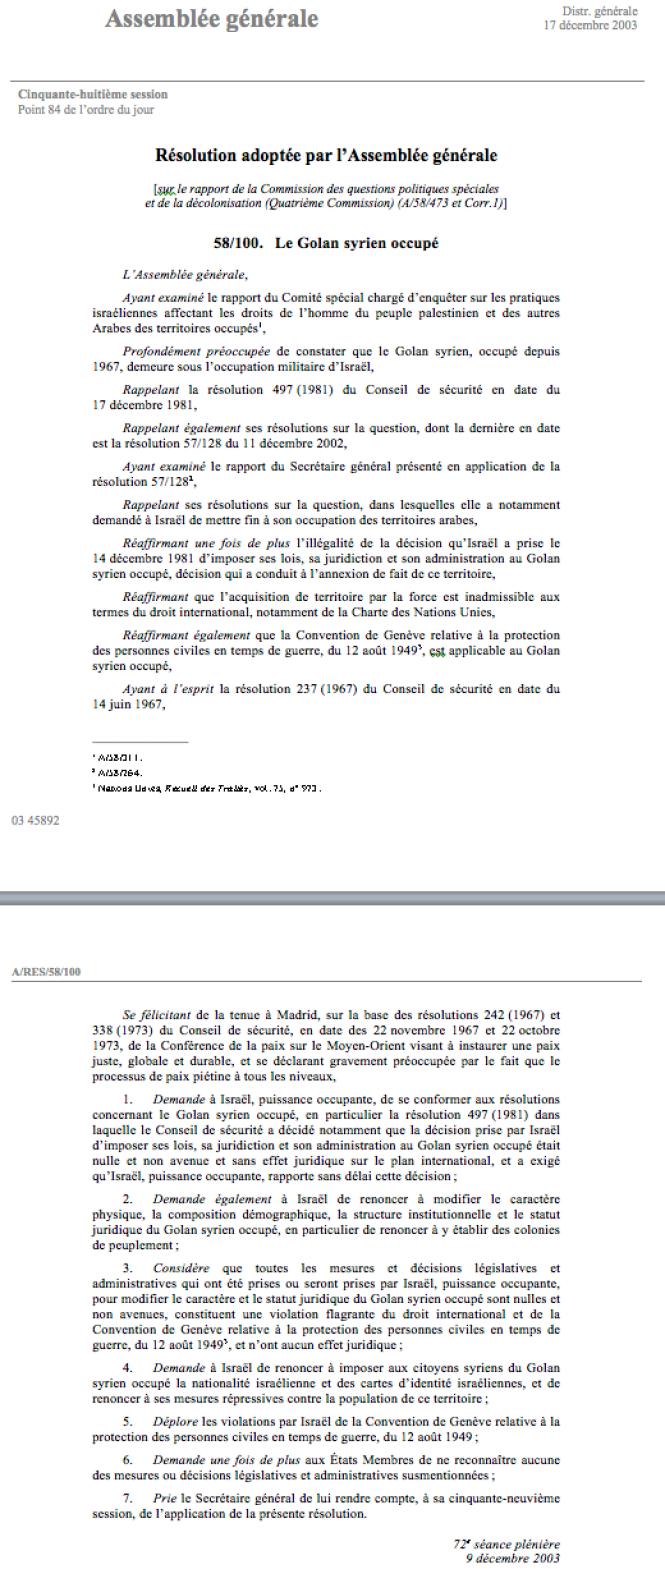 AGNU Résolution 9 XII 2003.png